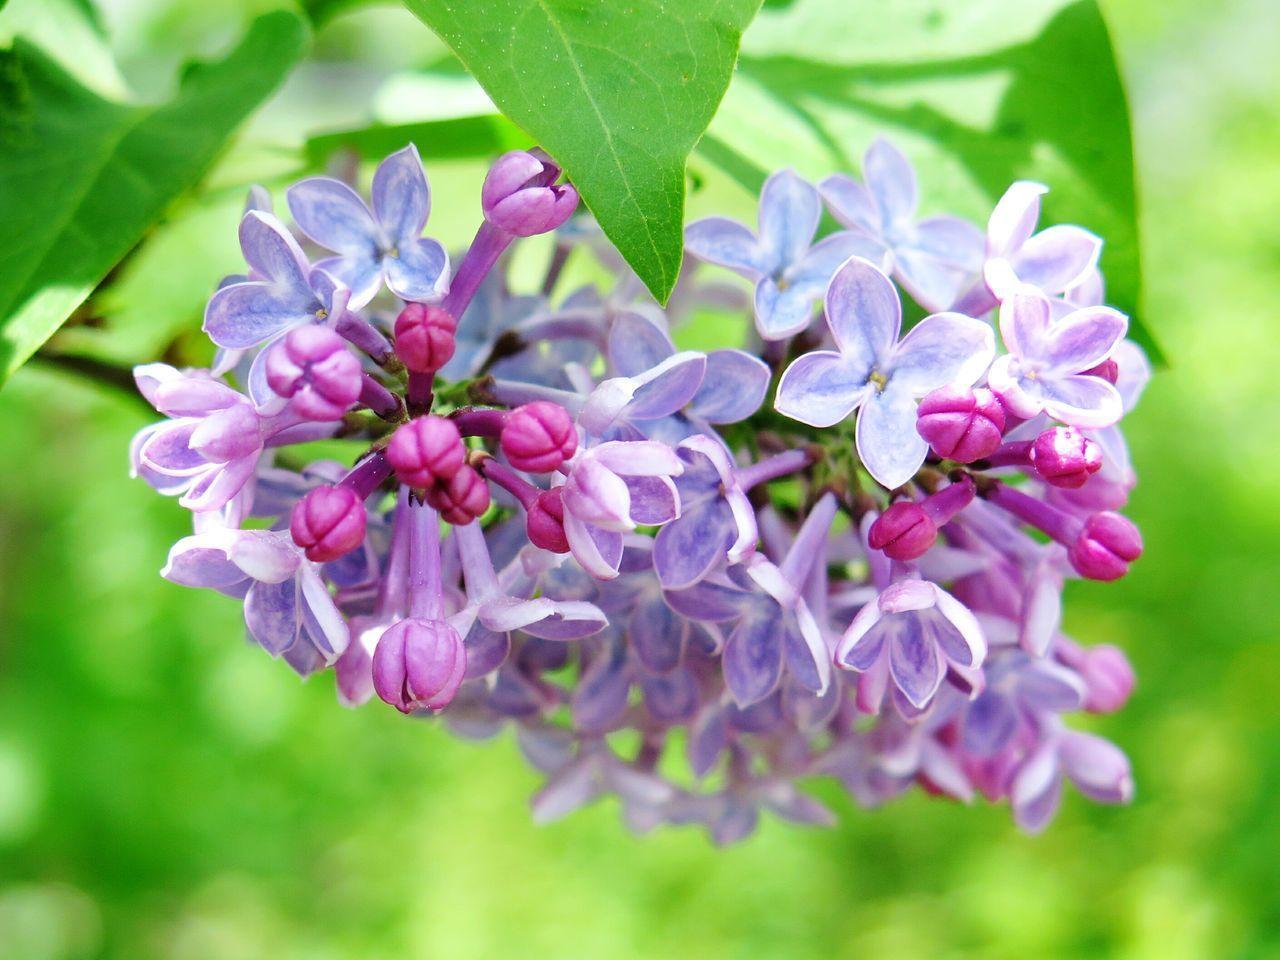 Blossom Of Lilac